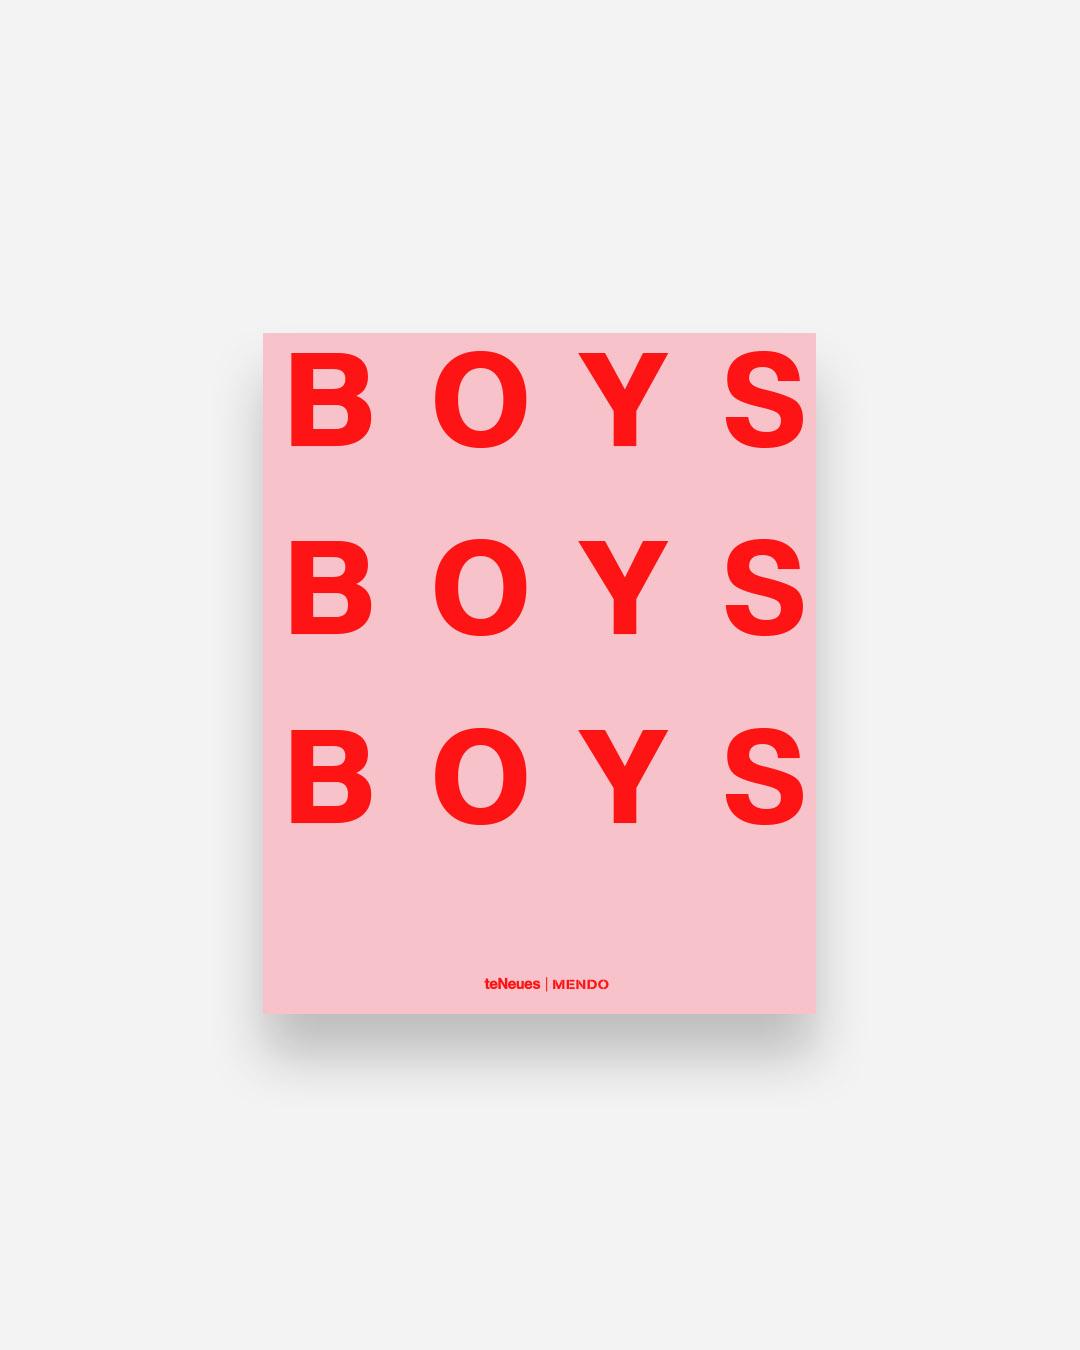 by teNeues | MENDO Boys! Boys! Boys! book